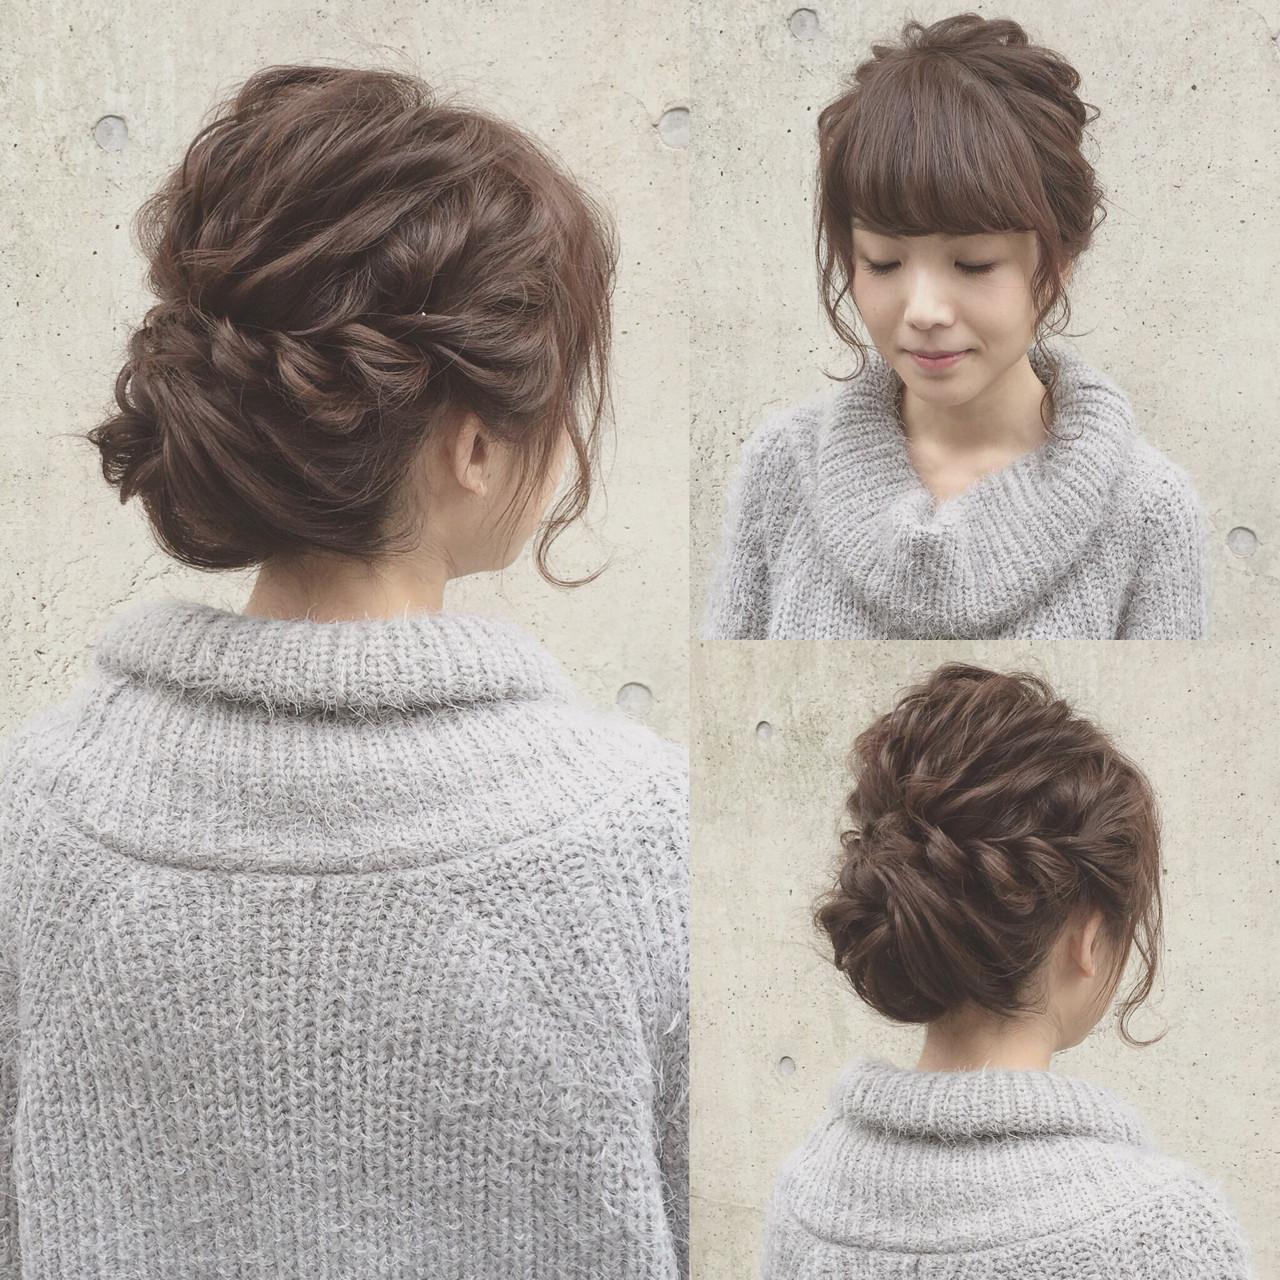 【美容師直伝】ロブがかわいく見える♡おすすめヘアアレンジ集 Kaneko Mayumi | BOTTOMS